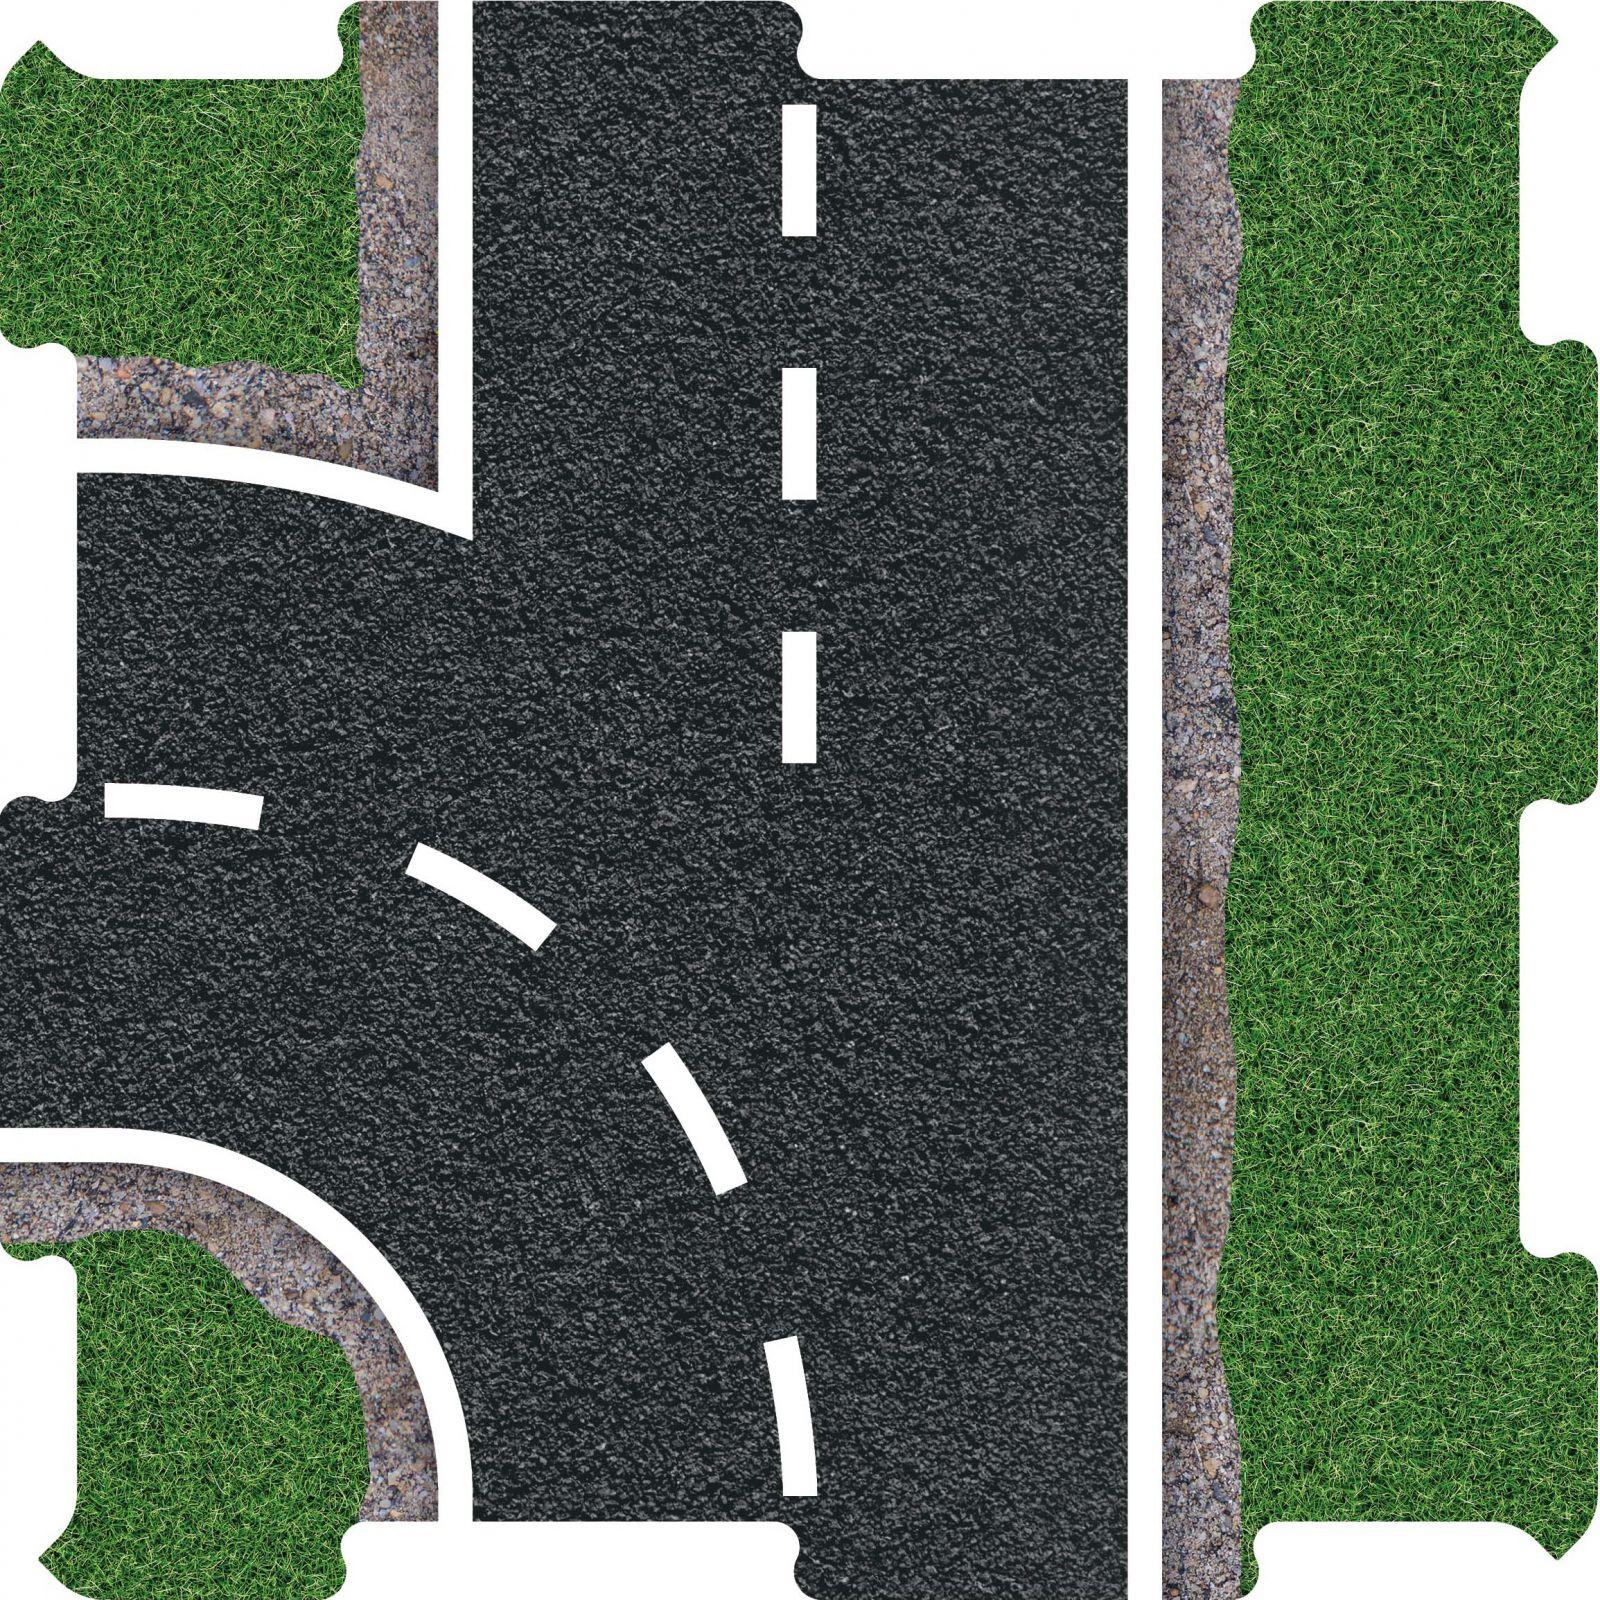 Podlahove puzzle silnice vyjezd levy